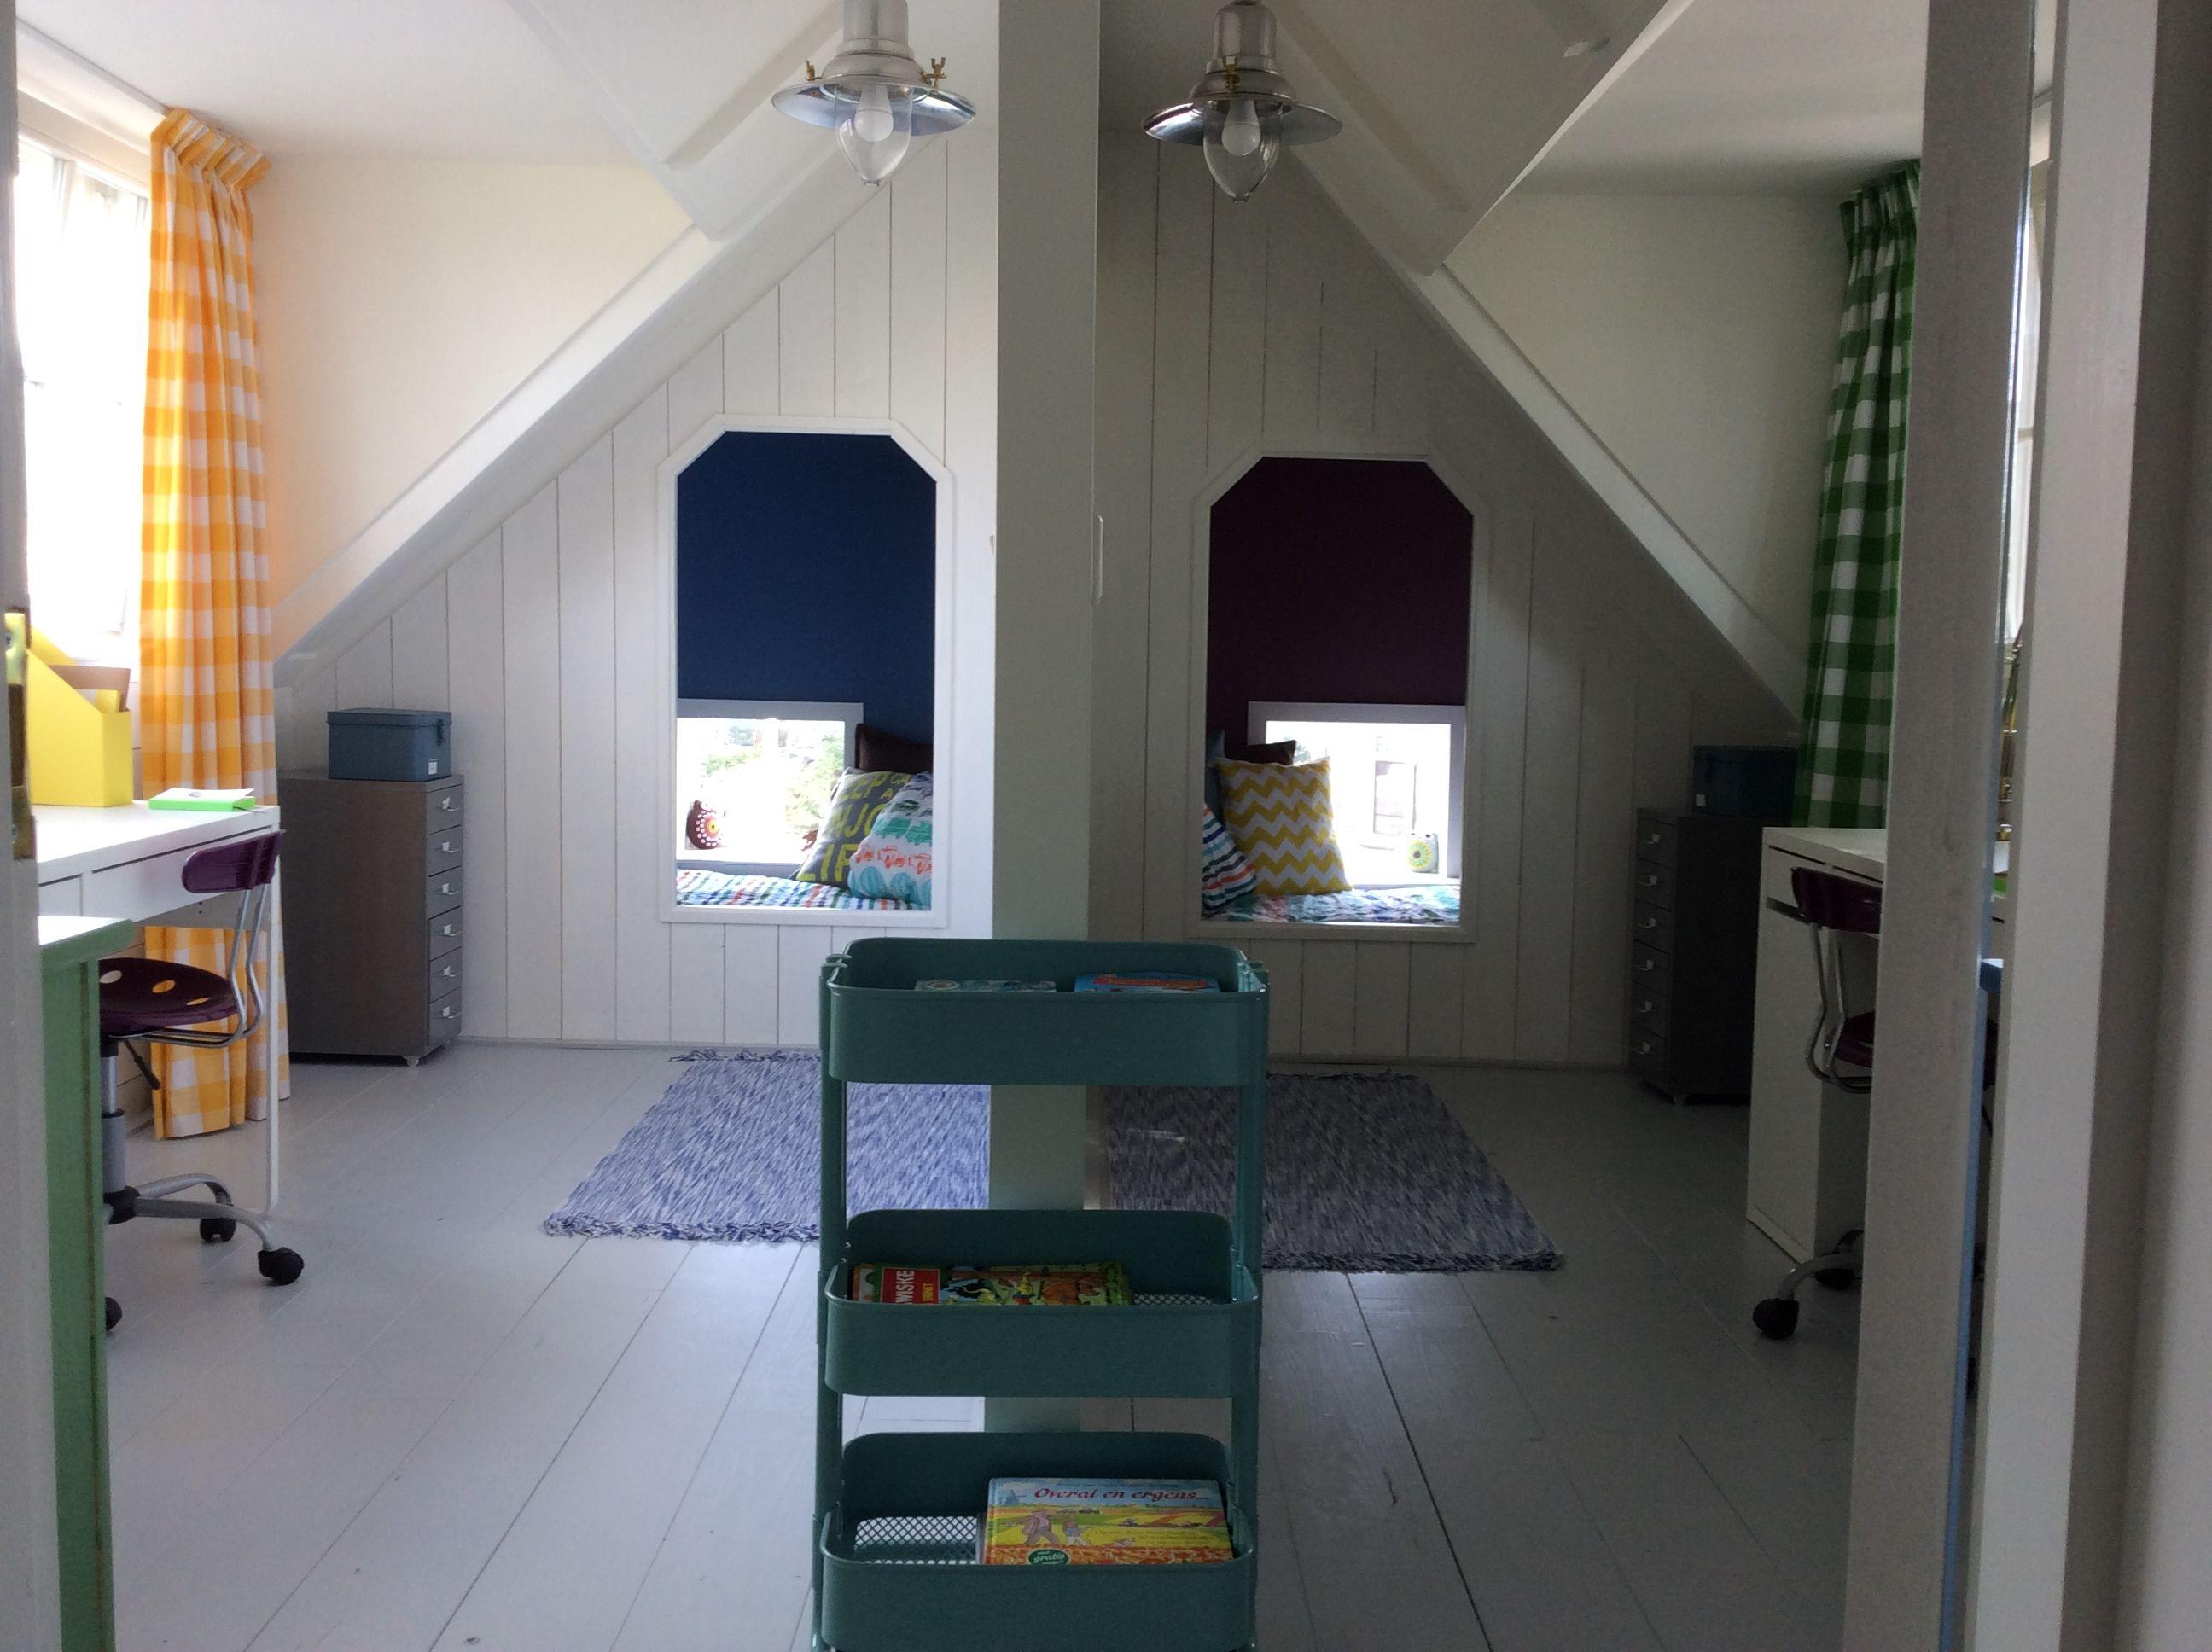 Kinderkamers Op Zolder : 2 broers 1 zolder 2 slaapvertrekken met dezelfde basis en allebei